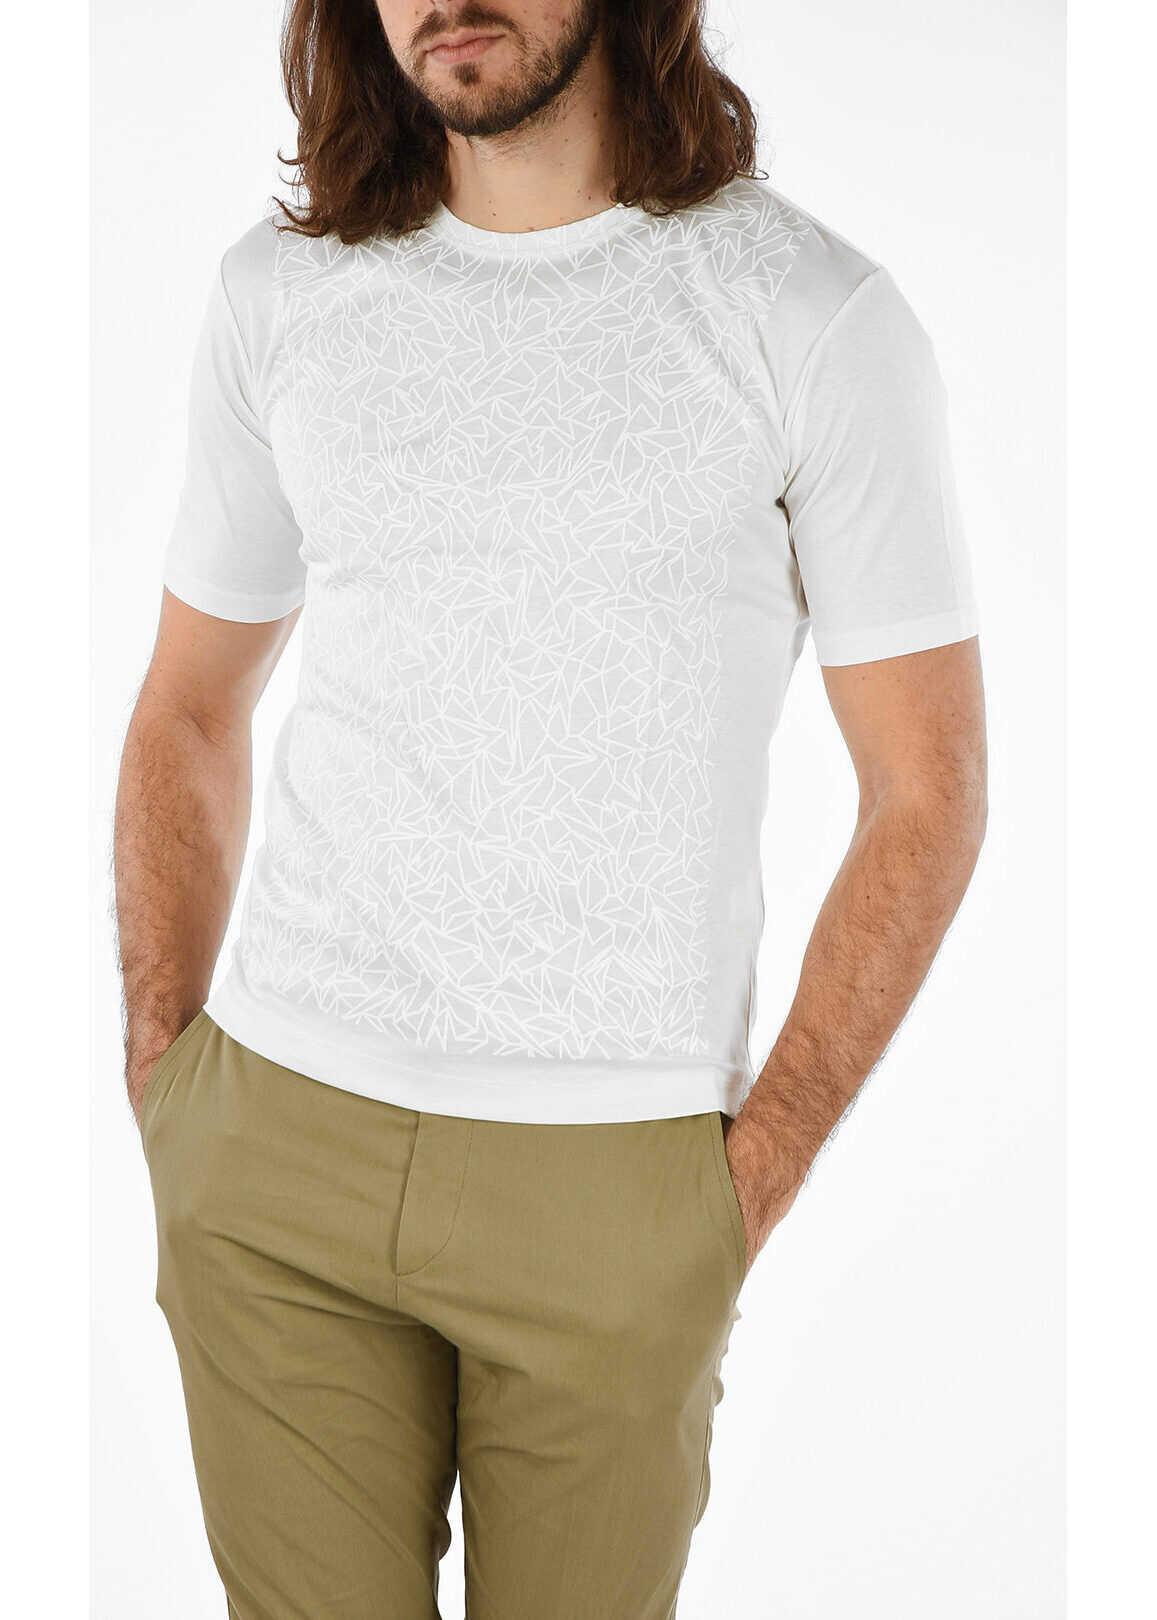 Issey Miyake Printed T-shirt WHITE